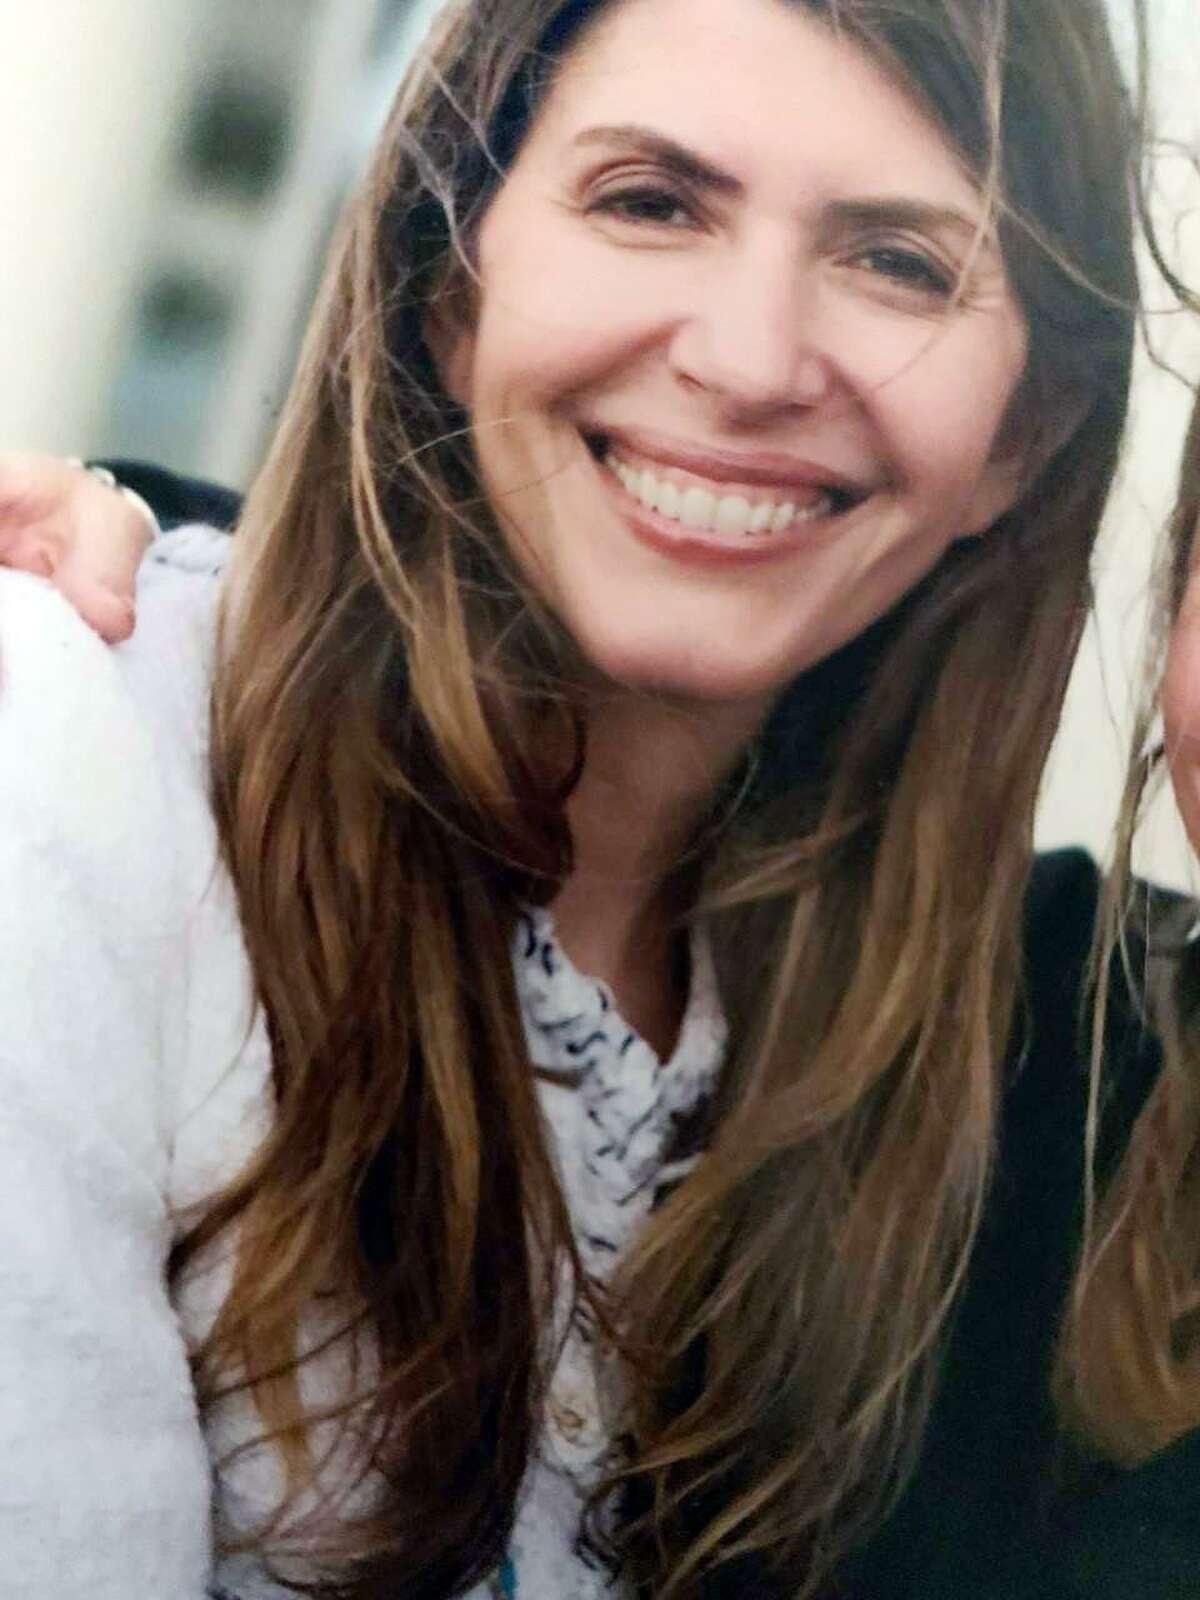 File photo of Jennifer Dulos.